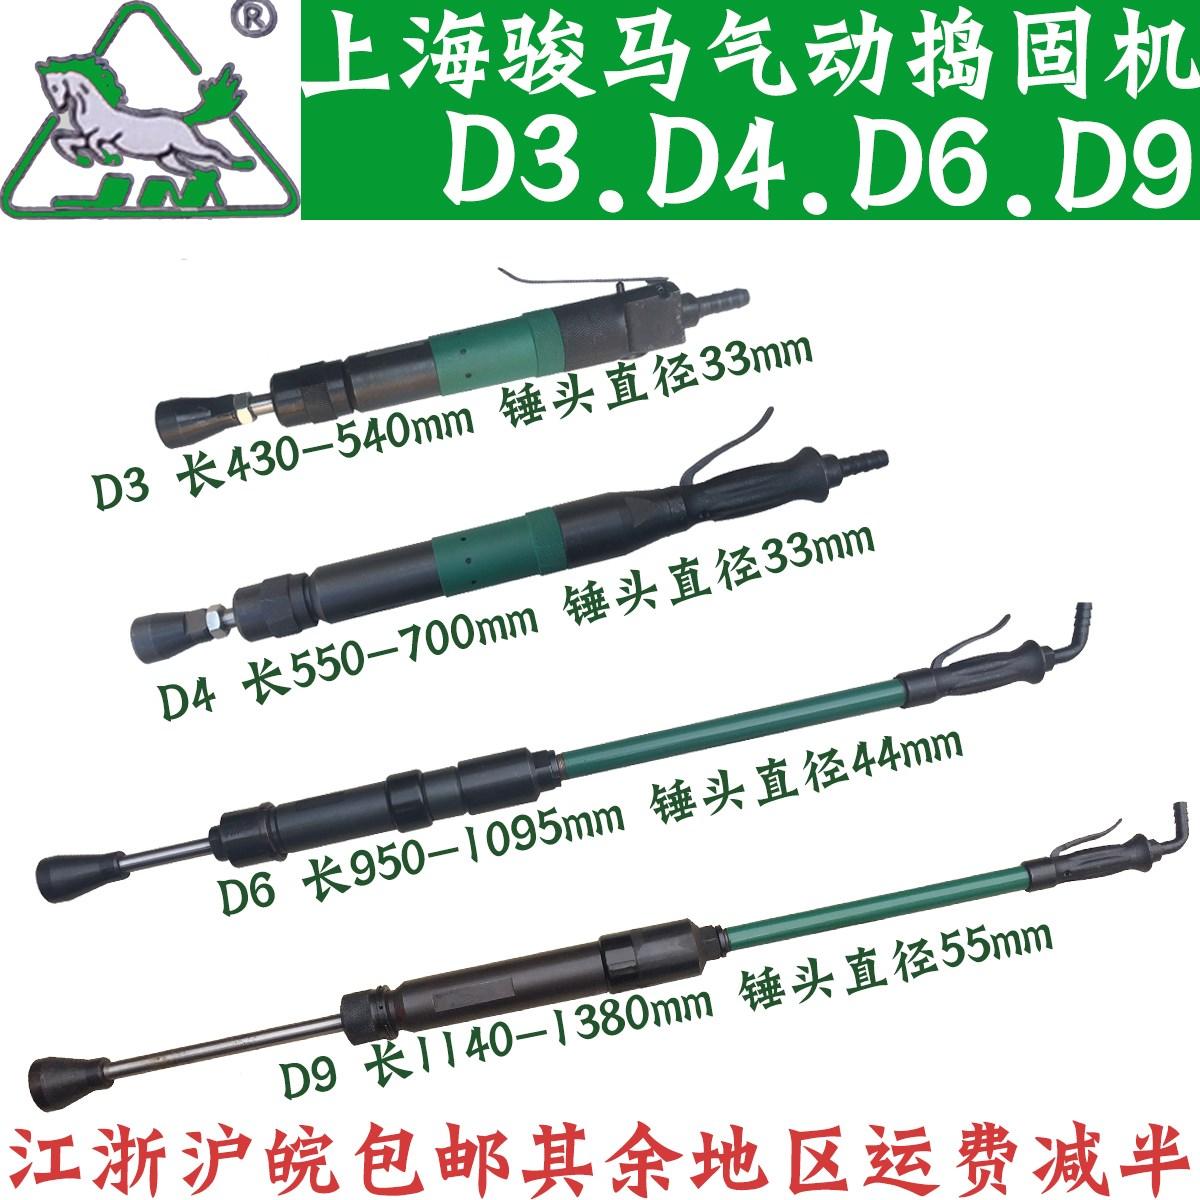 气动捣固机D3 D4 D6 D9 气锤 风动捣固机 捣鼓锤 翻沙锤